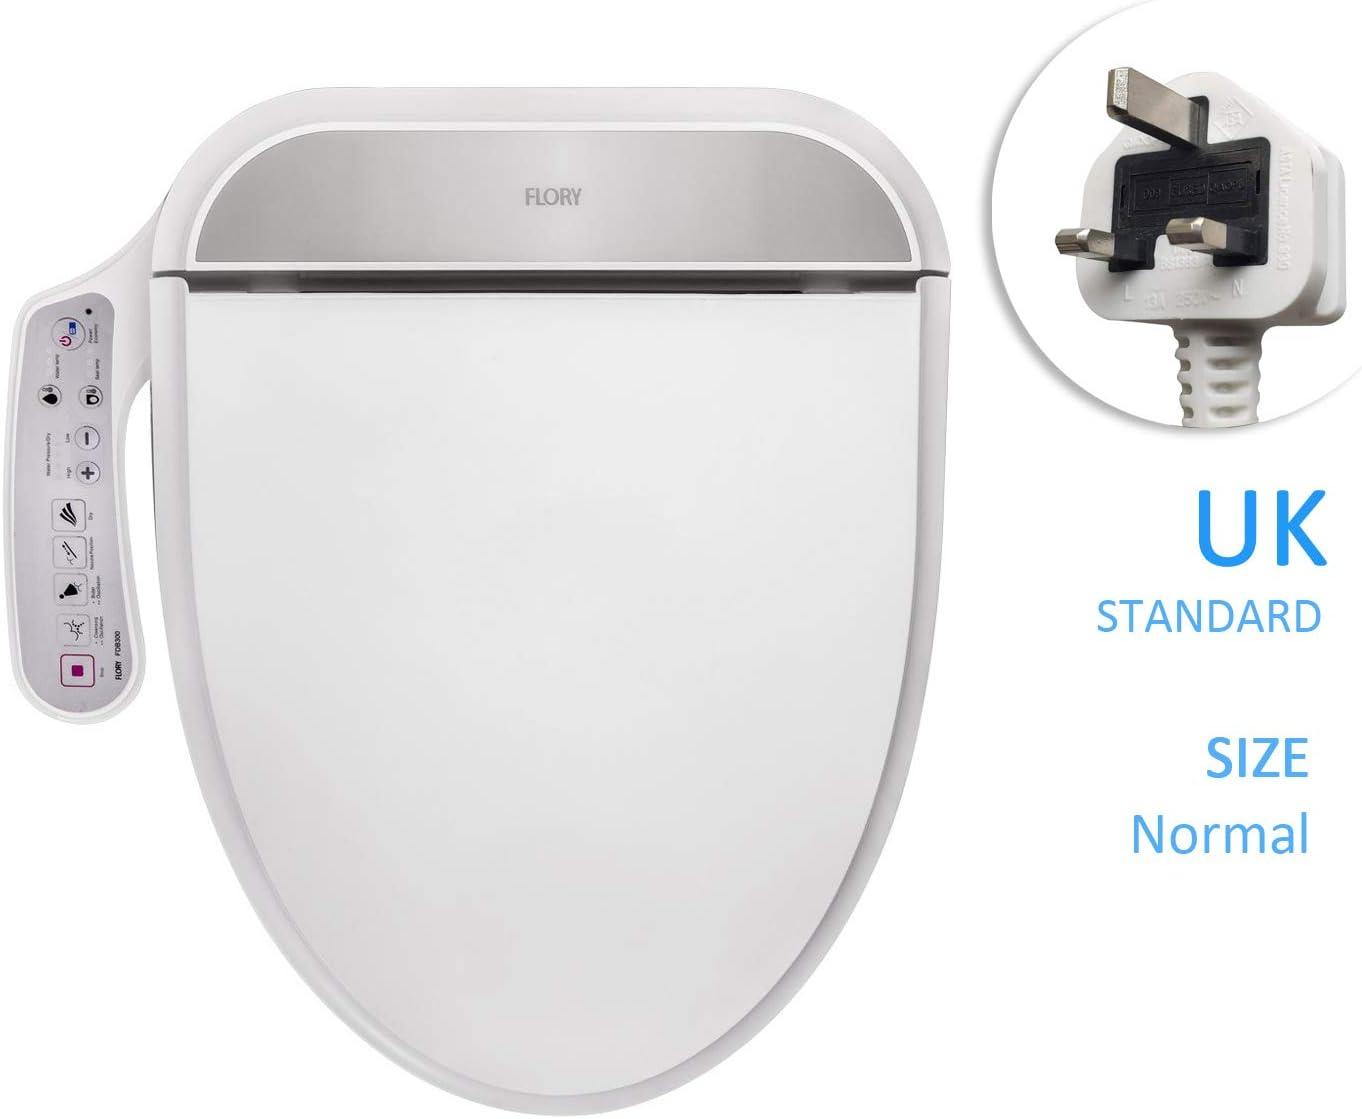 FLORY EU Bidé eléctrico digital inteligente WC Asiento UKSTANDARD FDB300 Energysaving Tecnología, EcoFriendly, Calentador de Agua del asiento, cálido y seco,